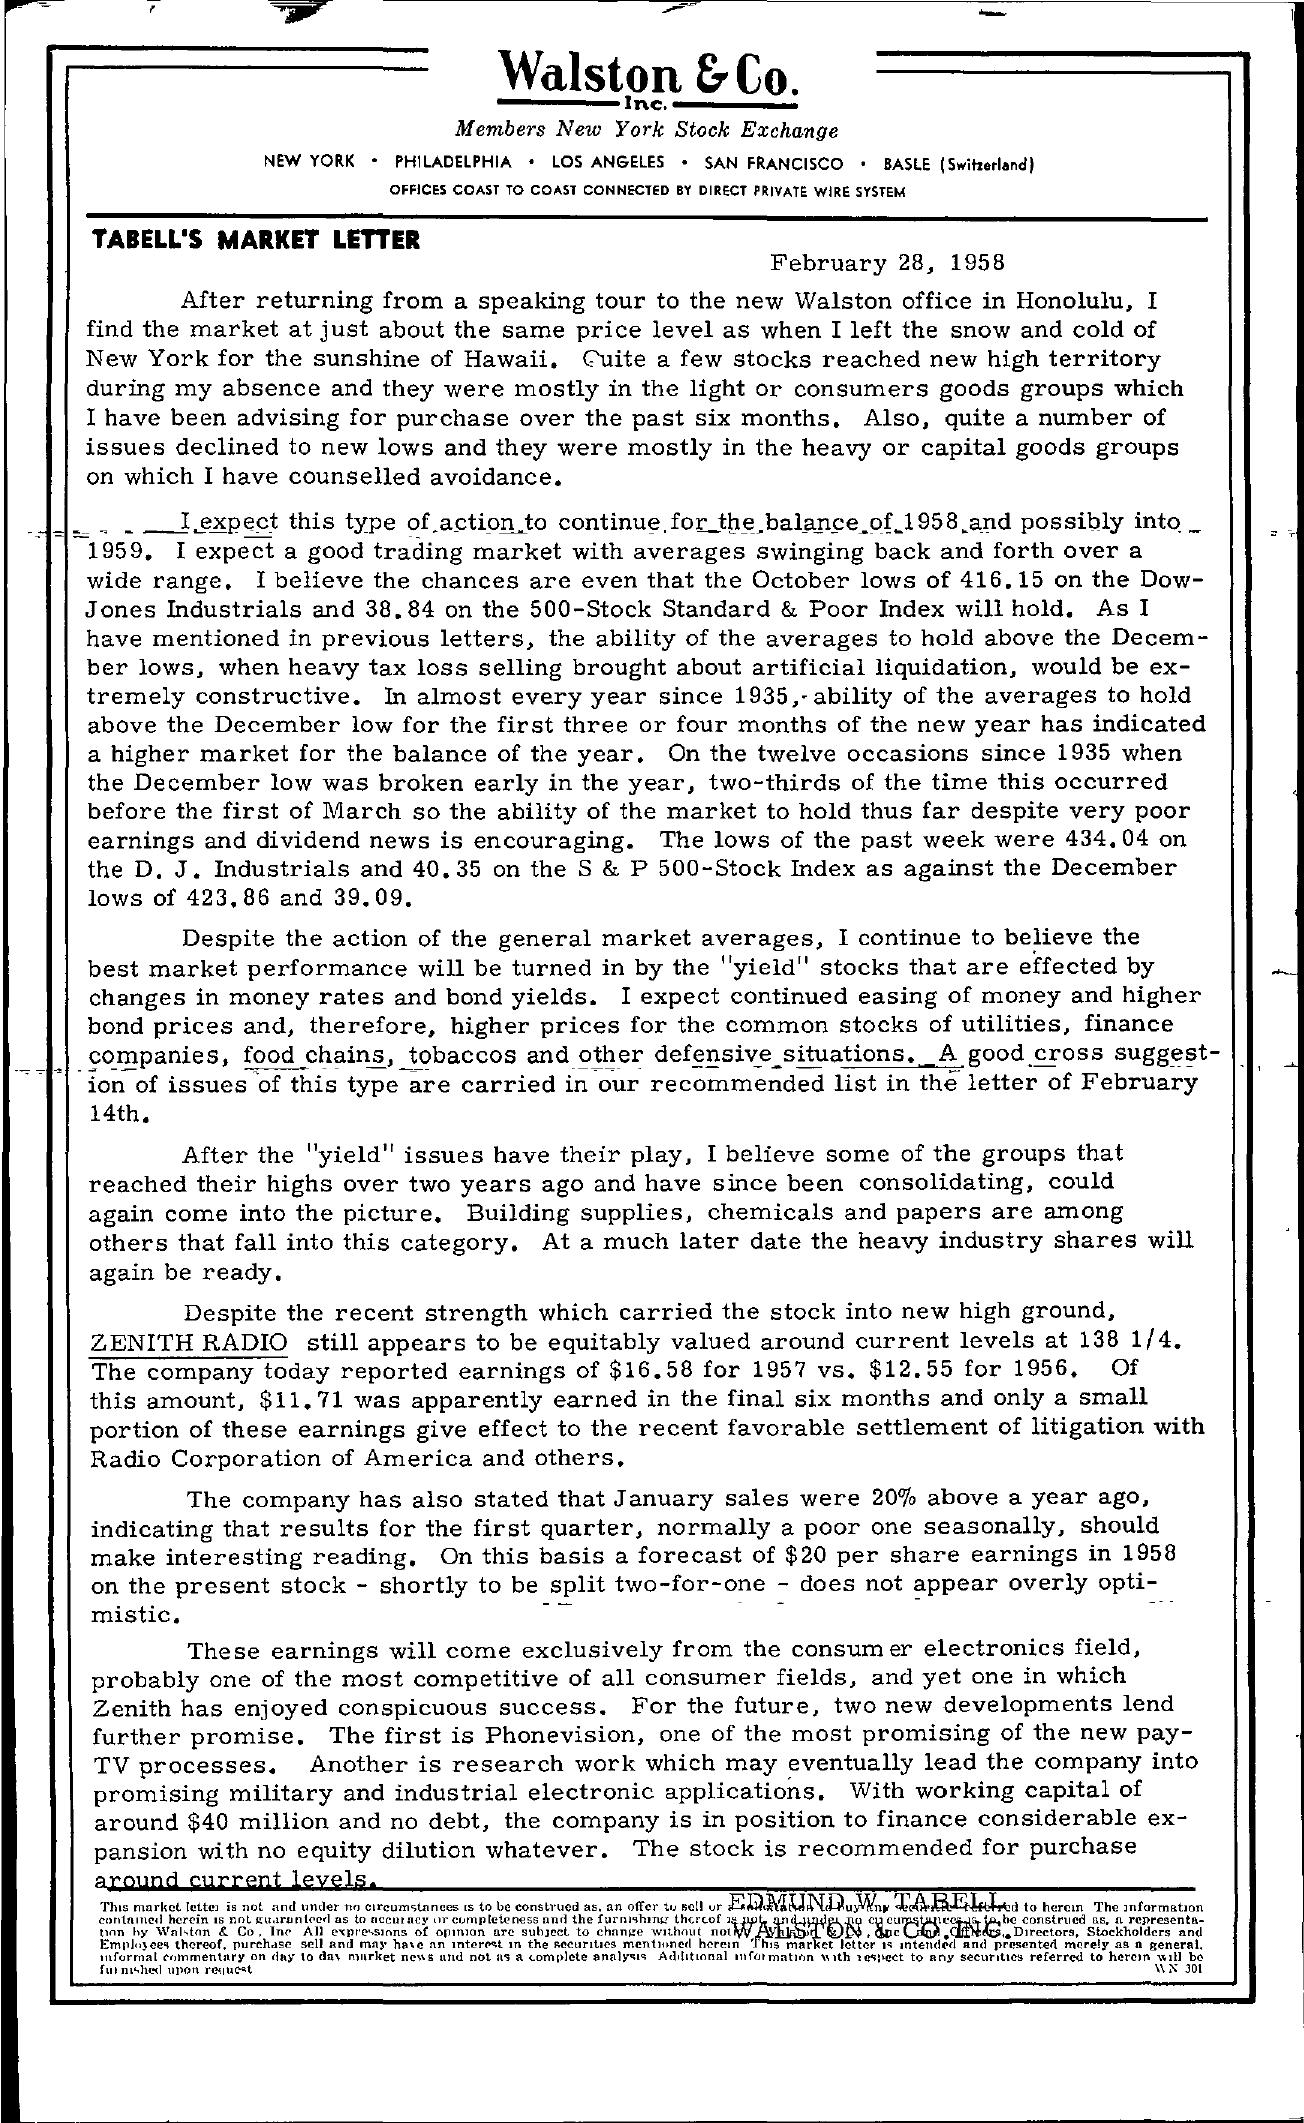 Tabell's Market Letter - February 28, 1958